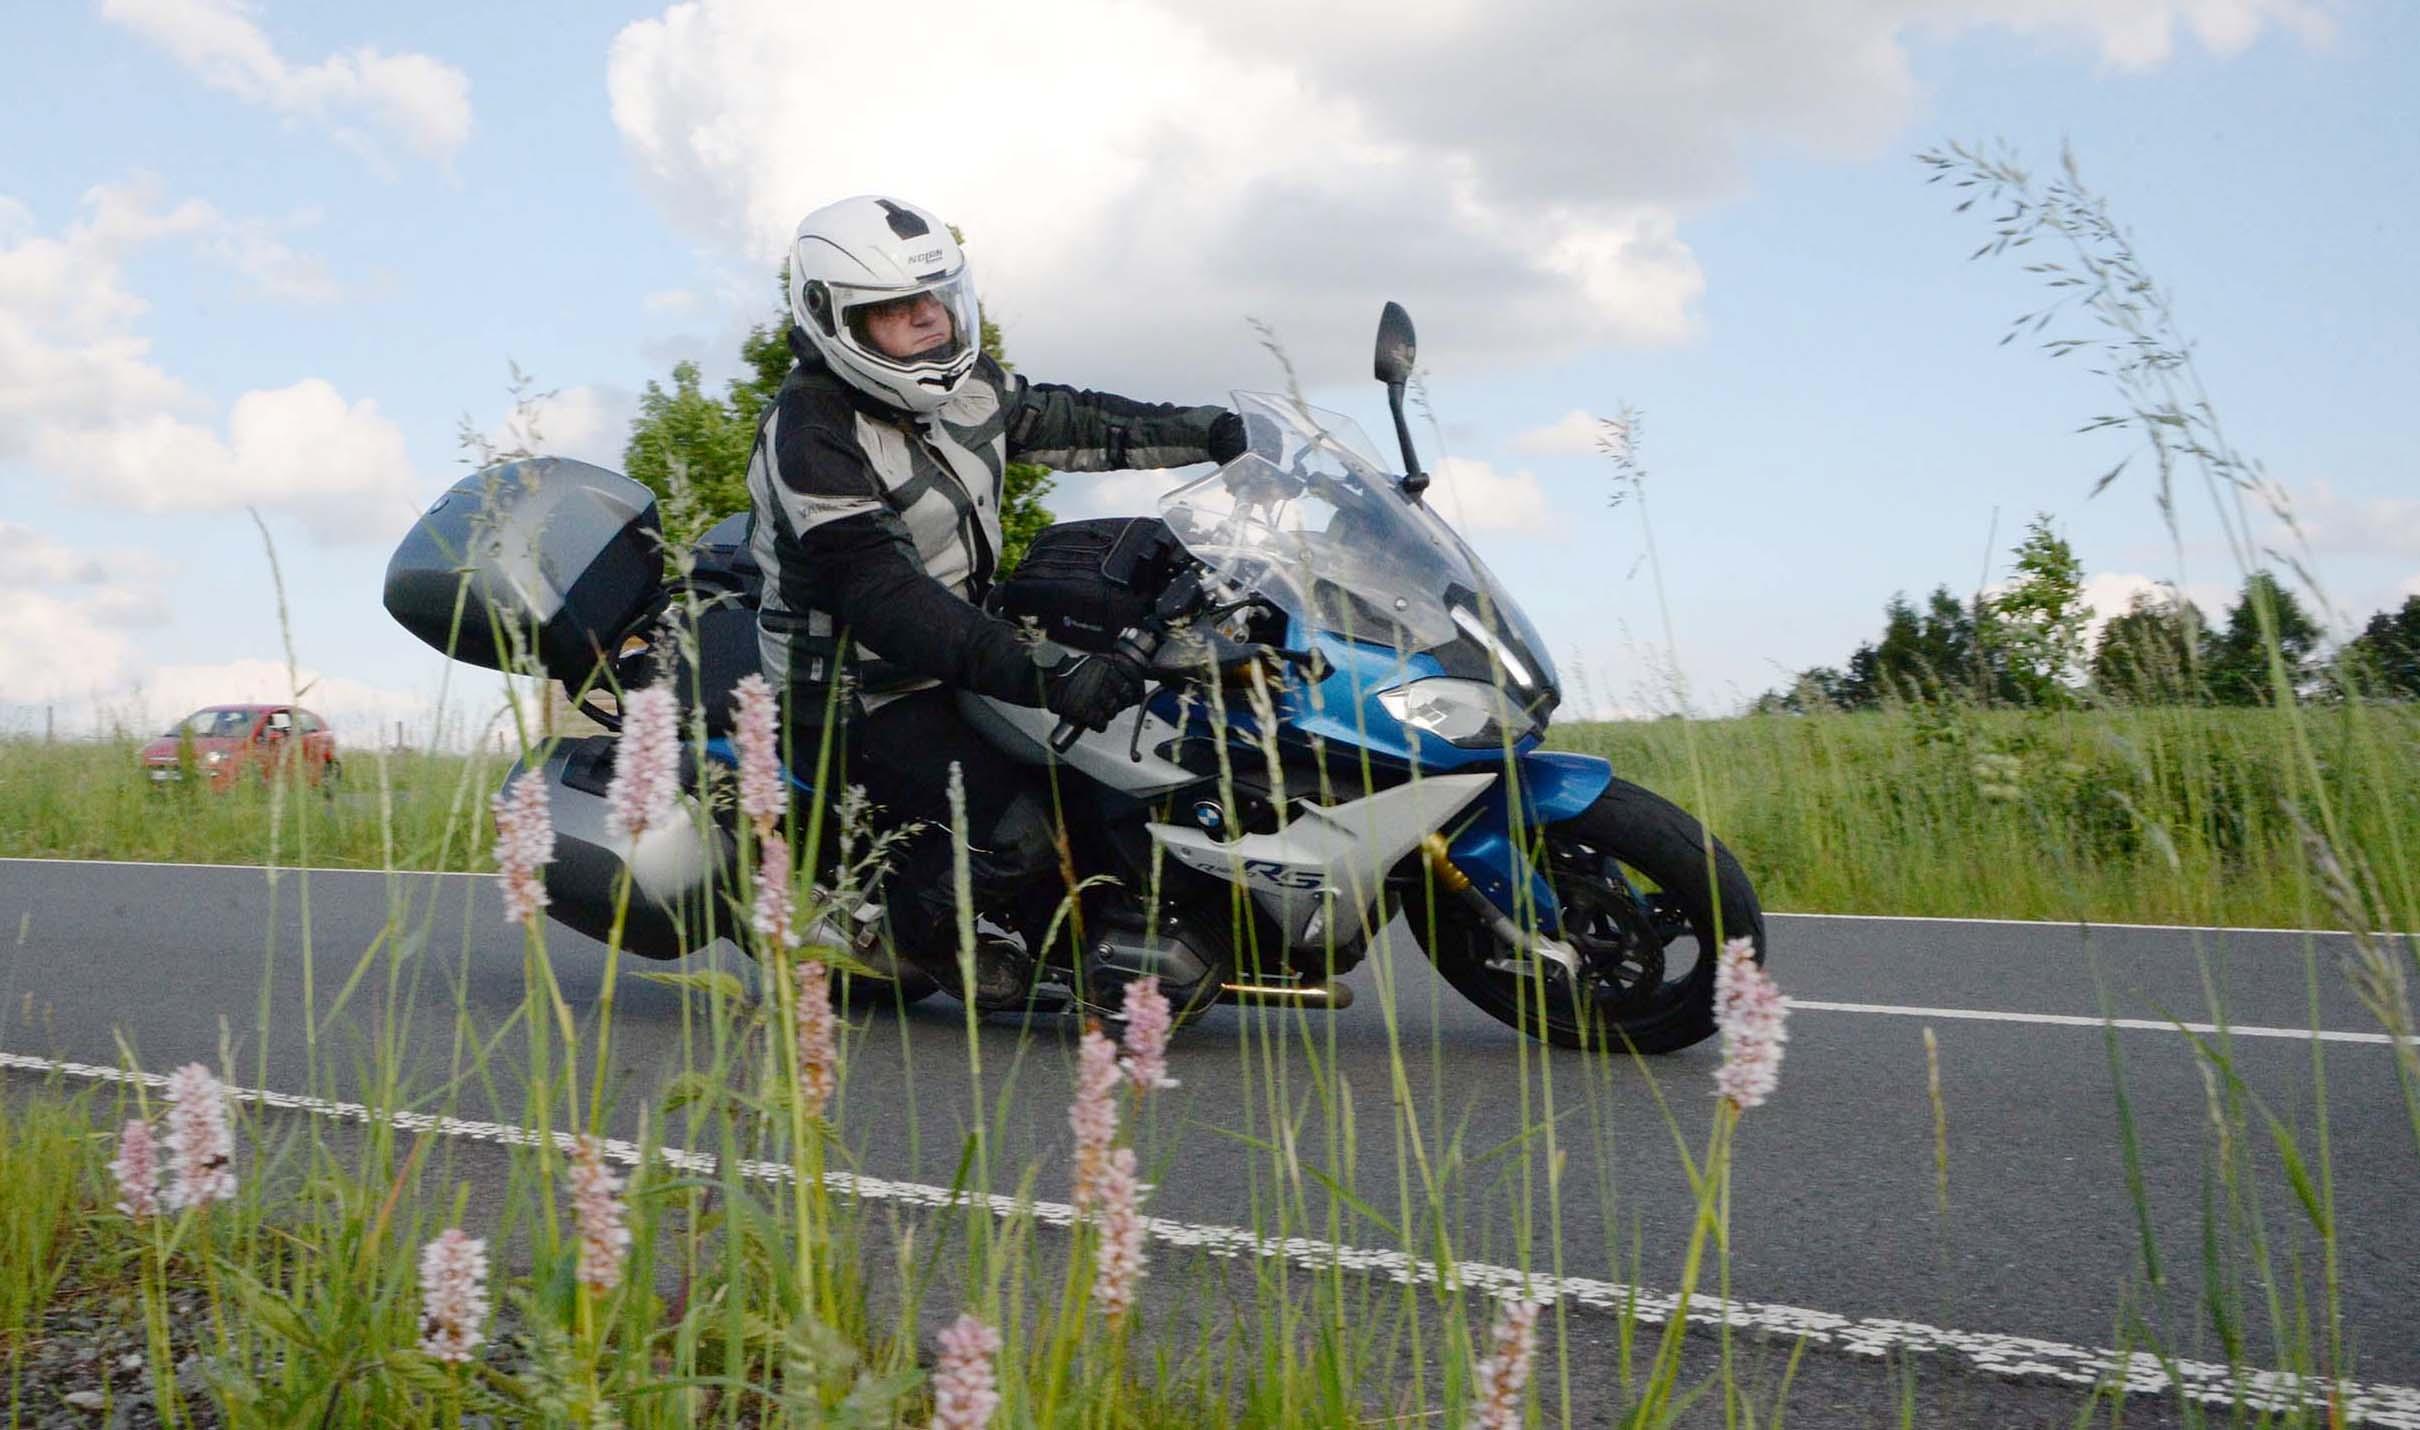 Auf Tour... Motorradreisen unterwegs mit Achim Fichtelgebirgstour 2017. NUR ZUR PRIVATEN VERWENDUNG